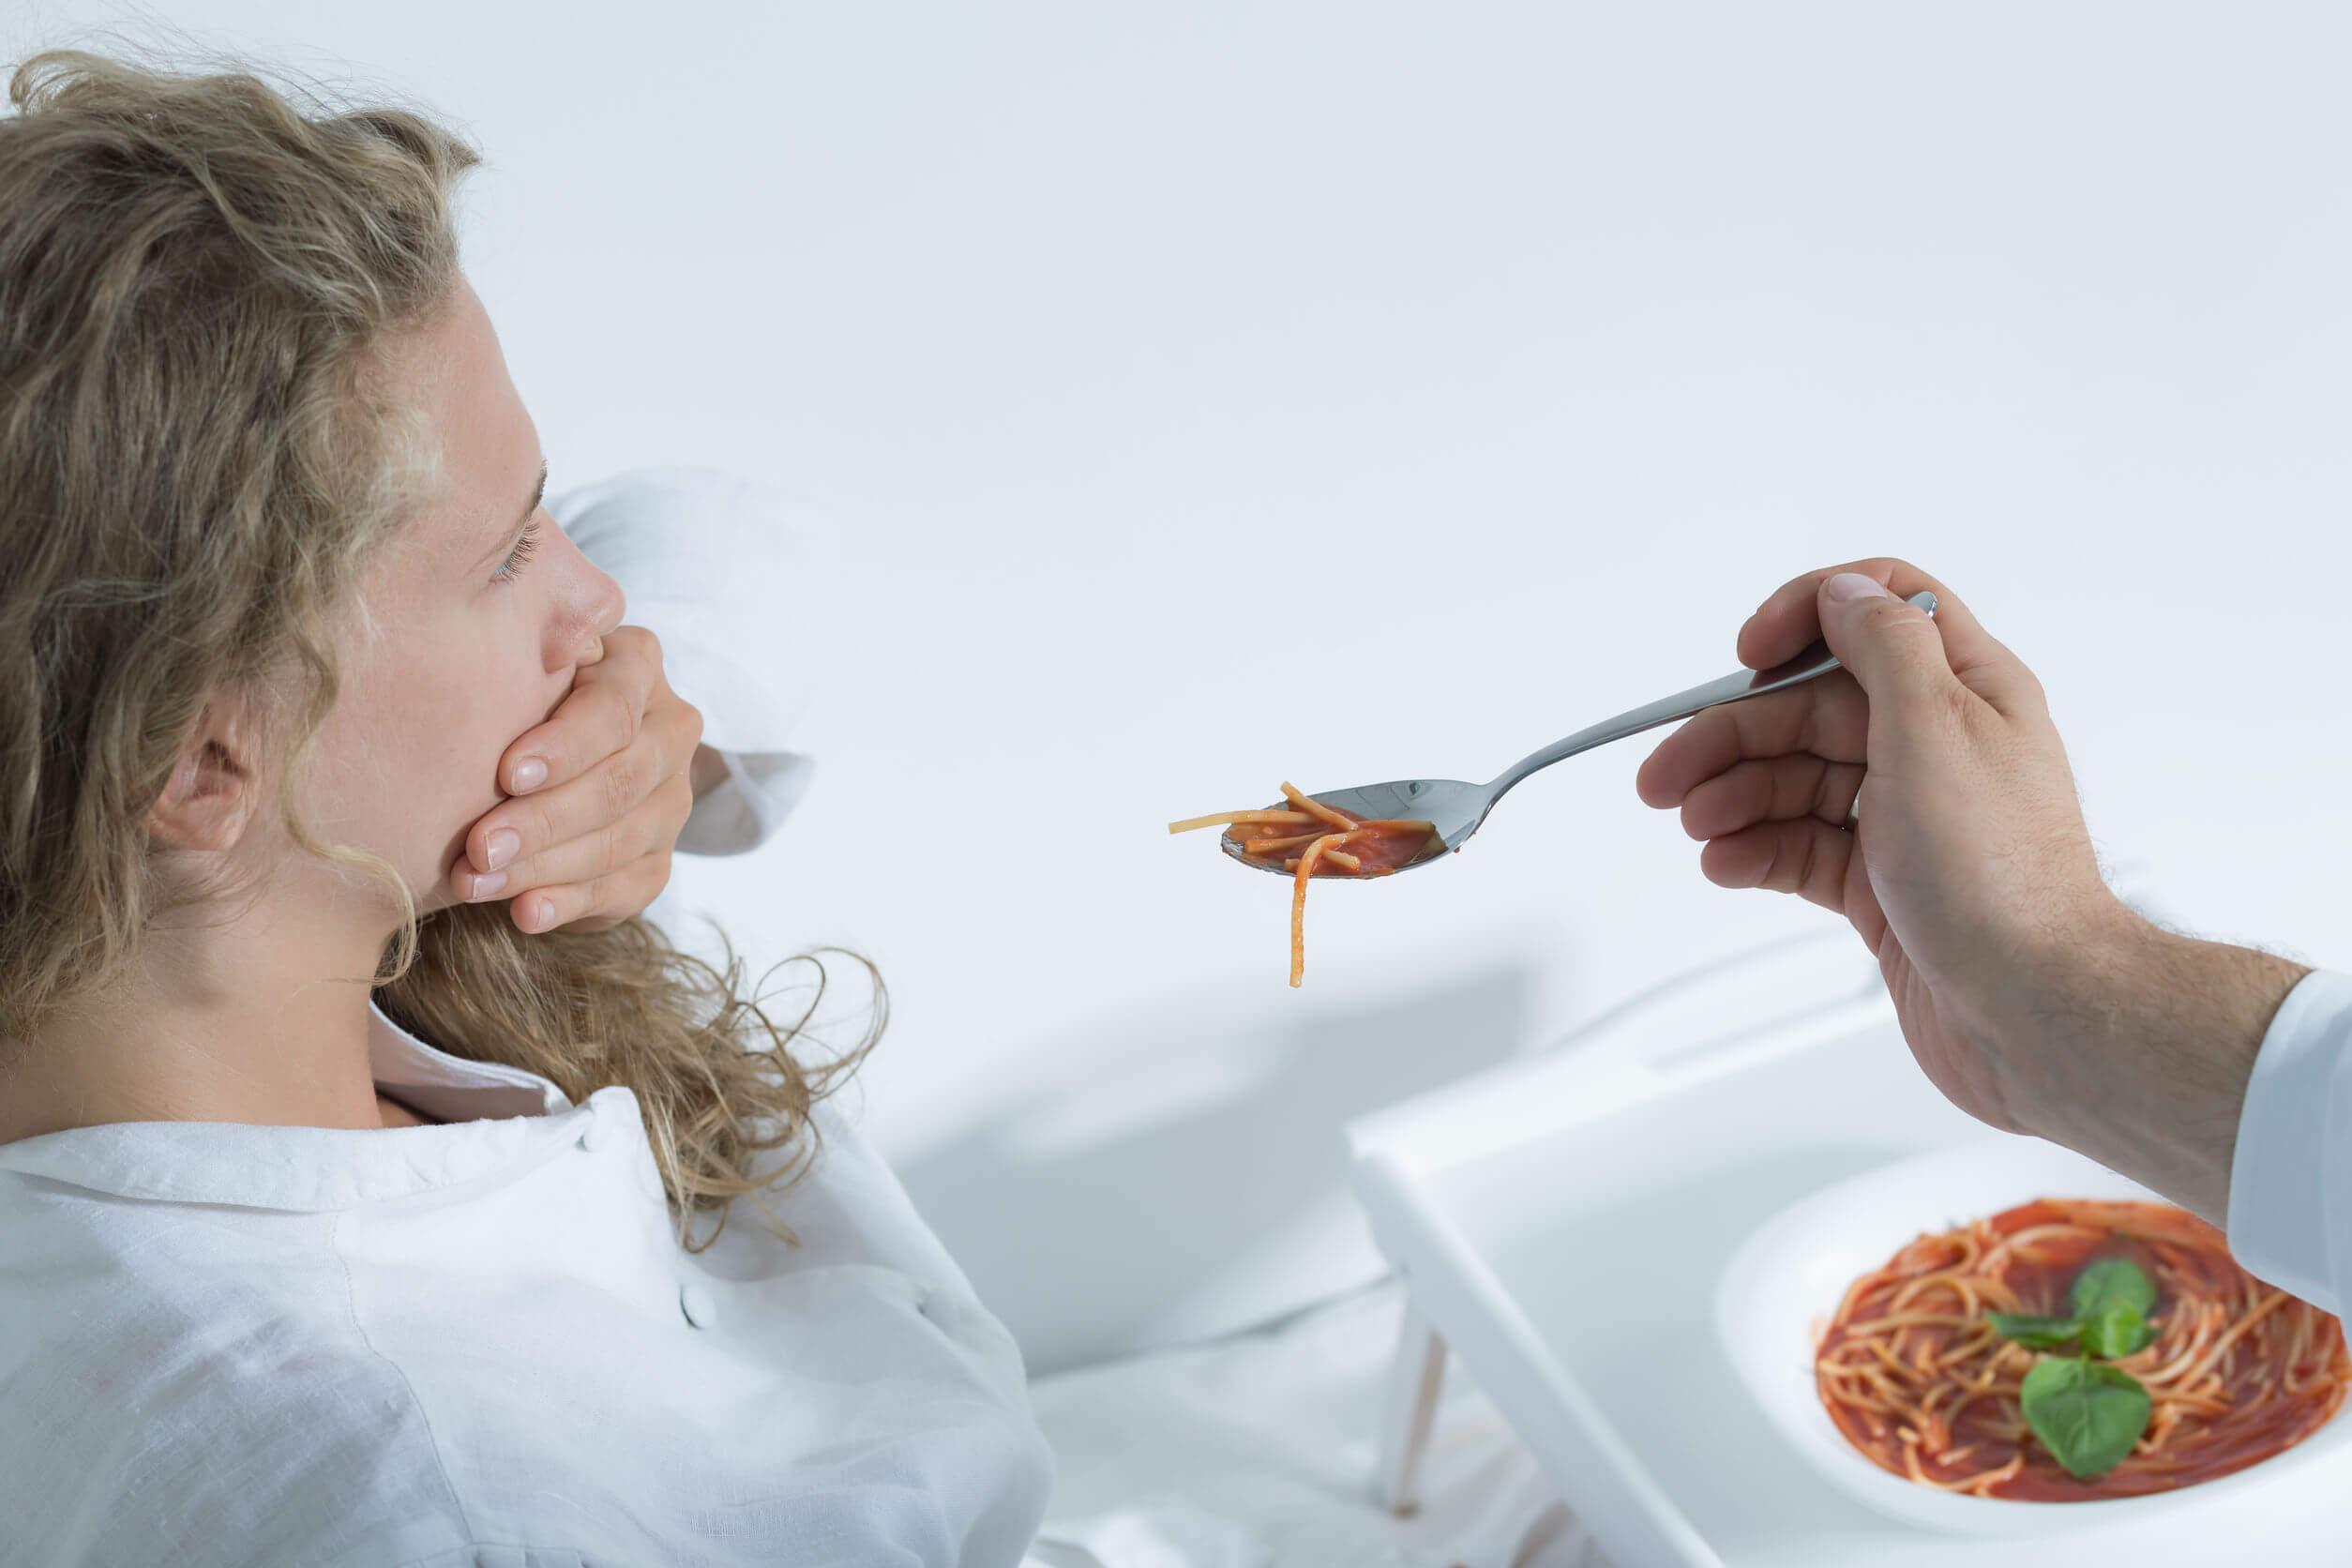 dieta-radioterapiia-nowotwor-zywienie